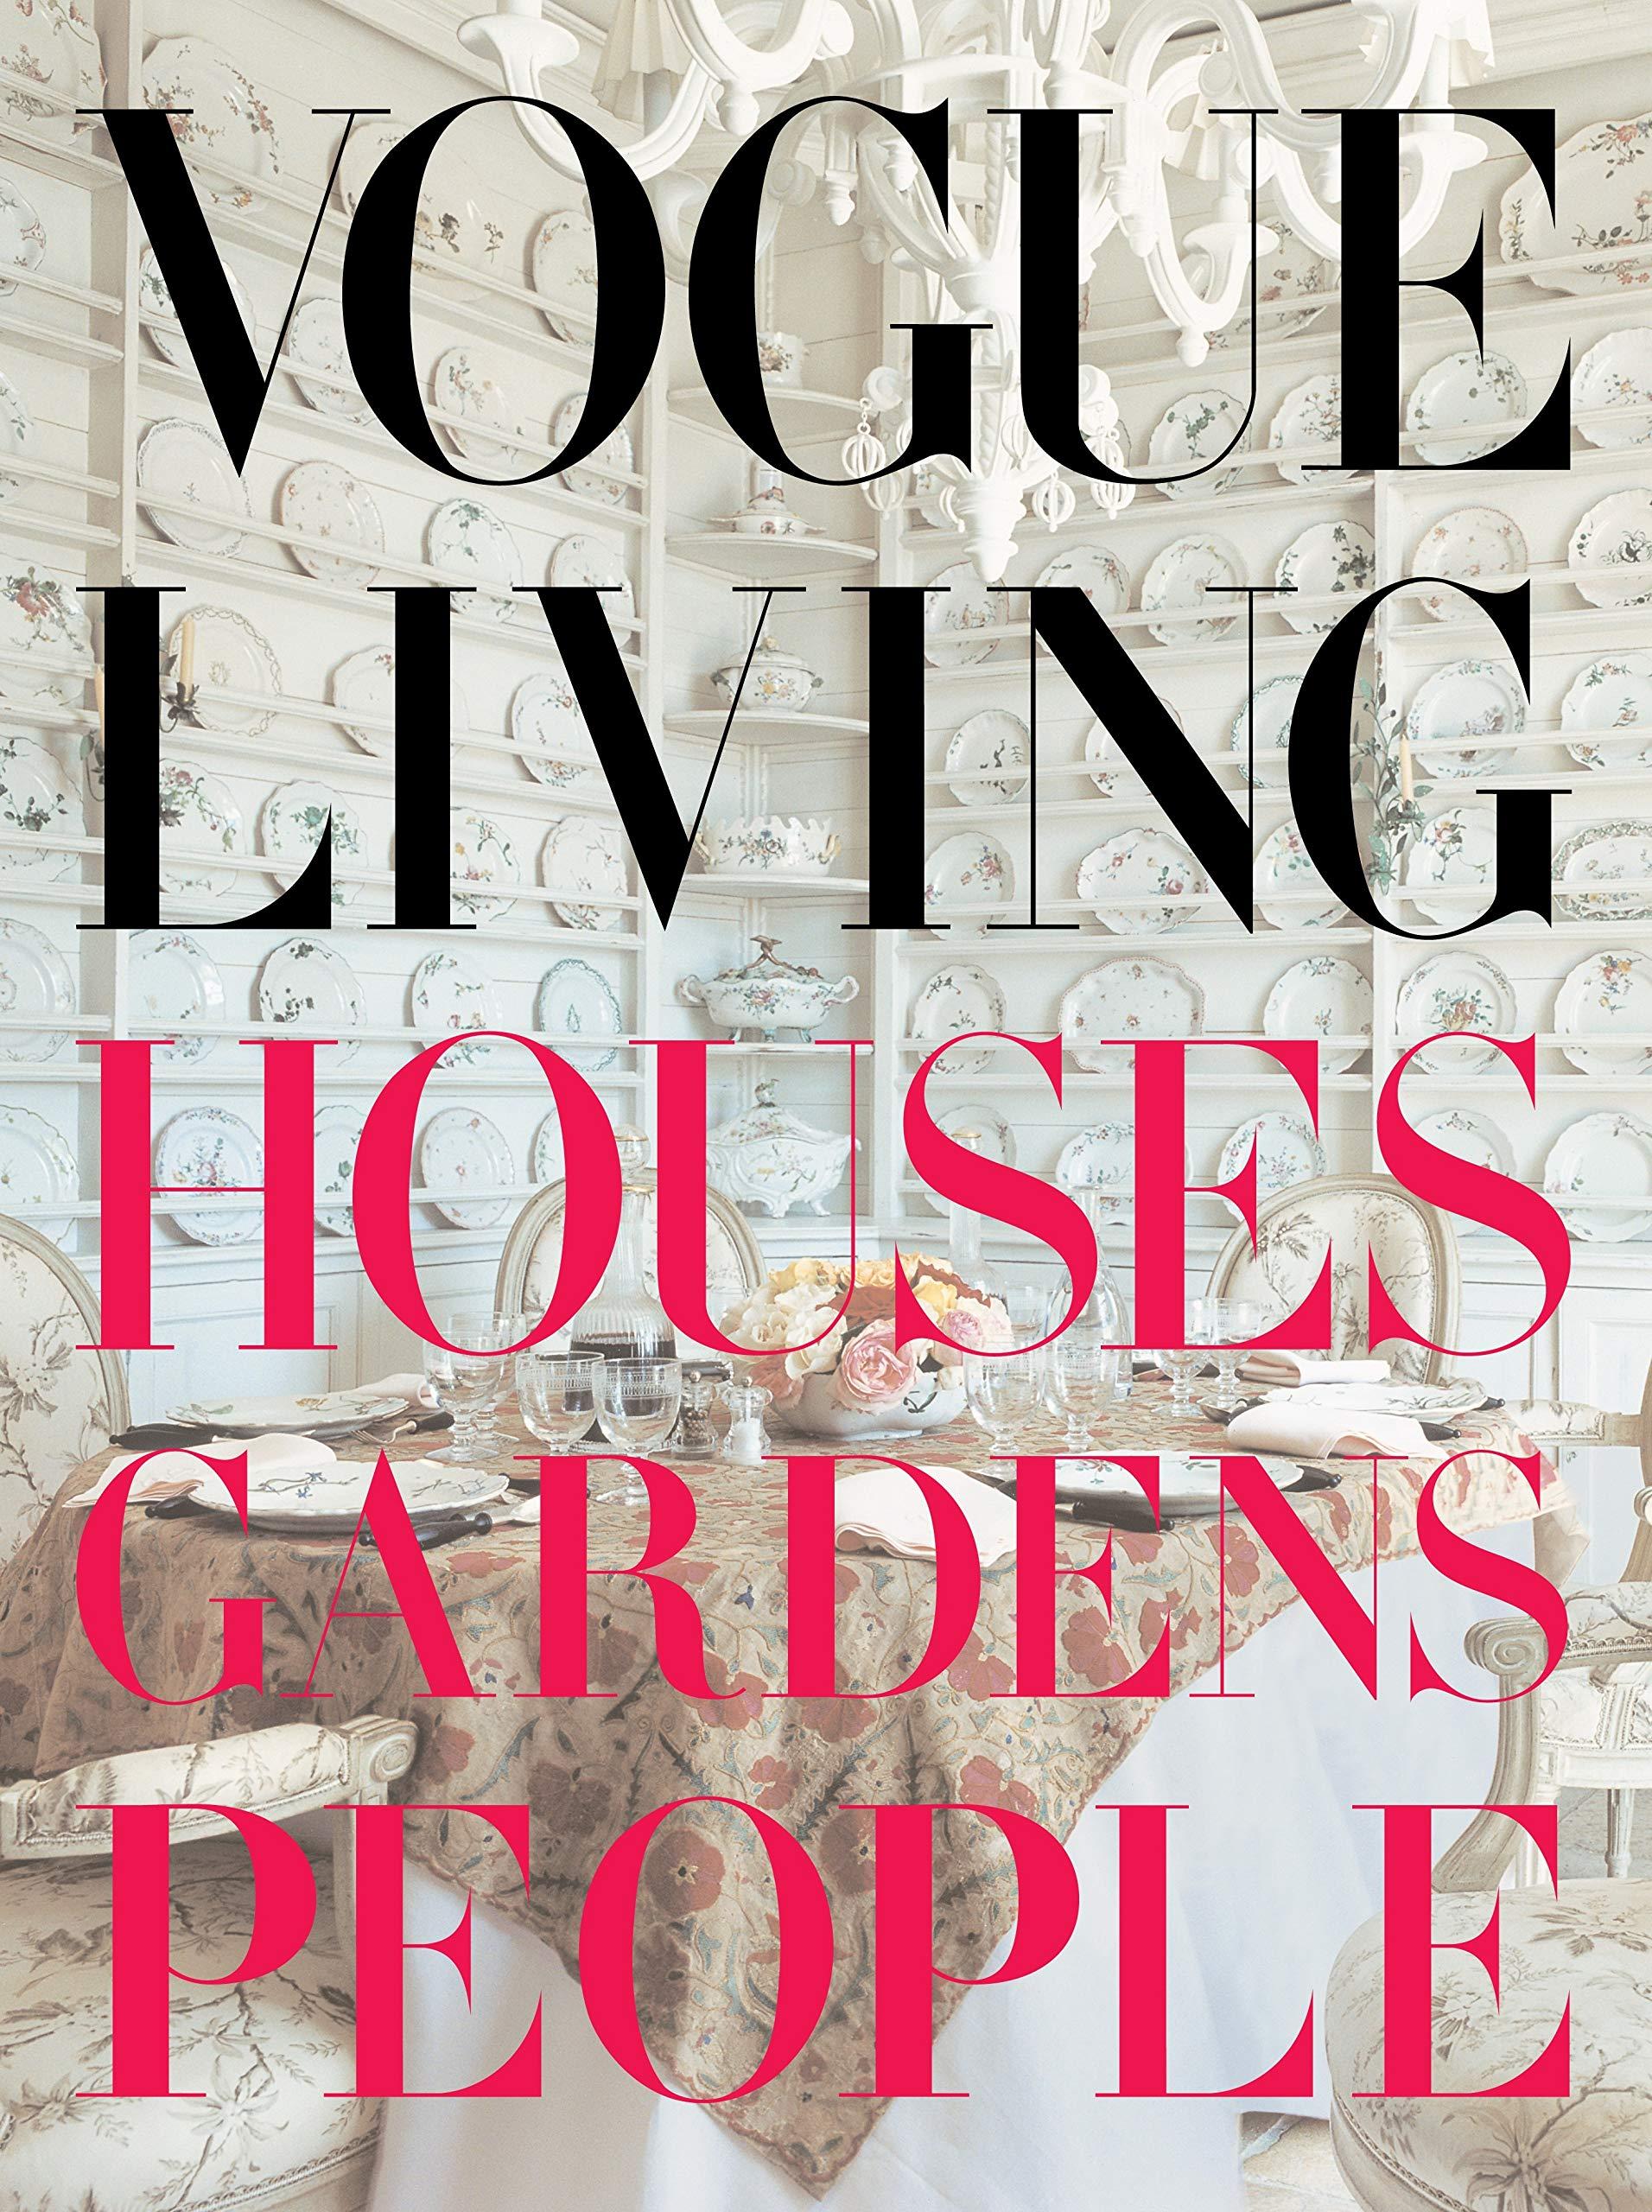 Vogue Living: Houses, Gardens, People: Amazon.es: Bowles, Hamish: Libros en idiomas extranjeros